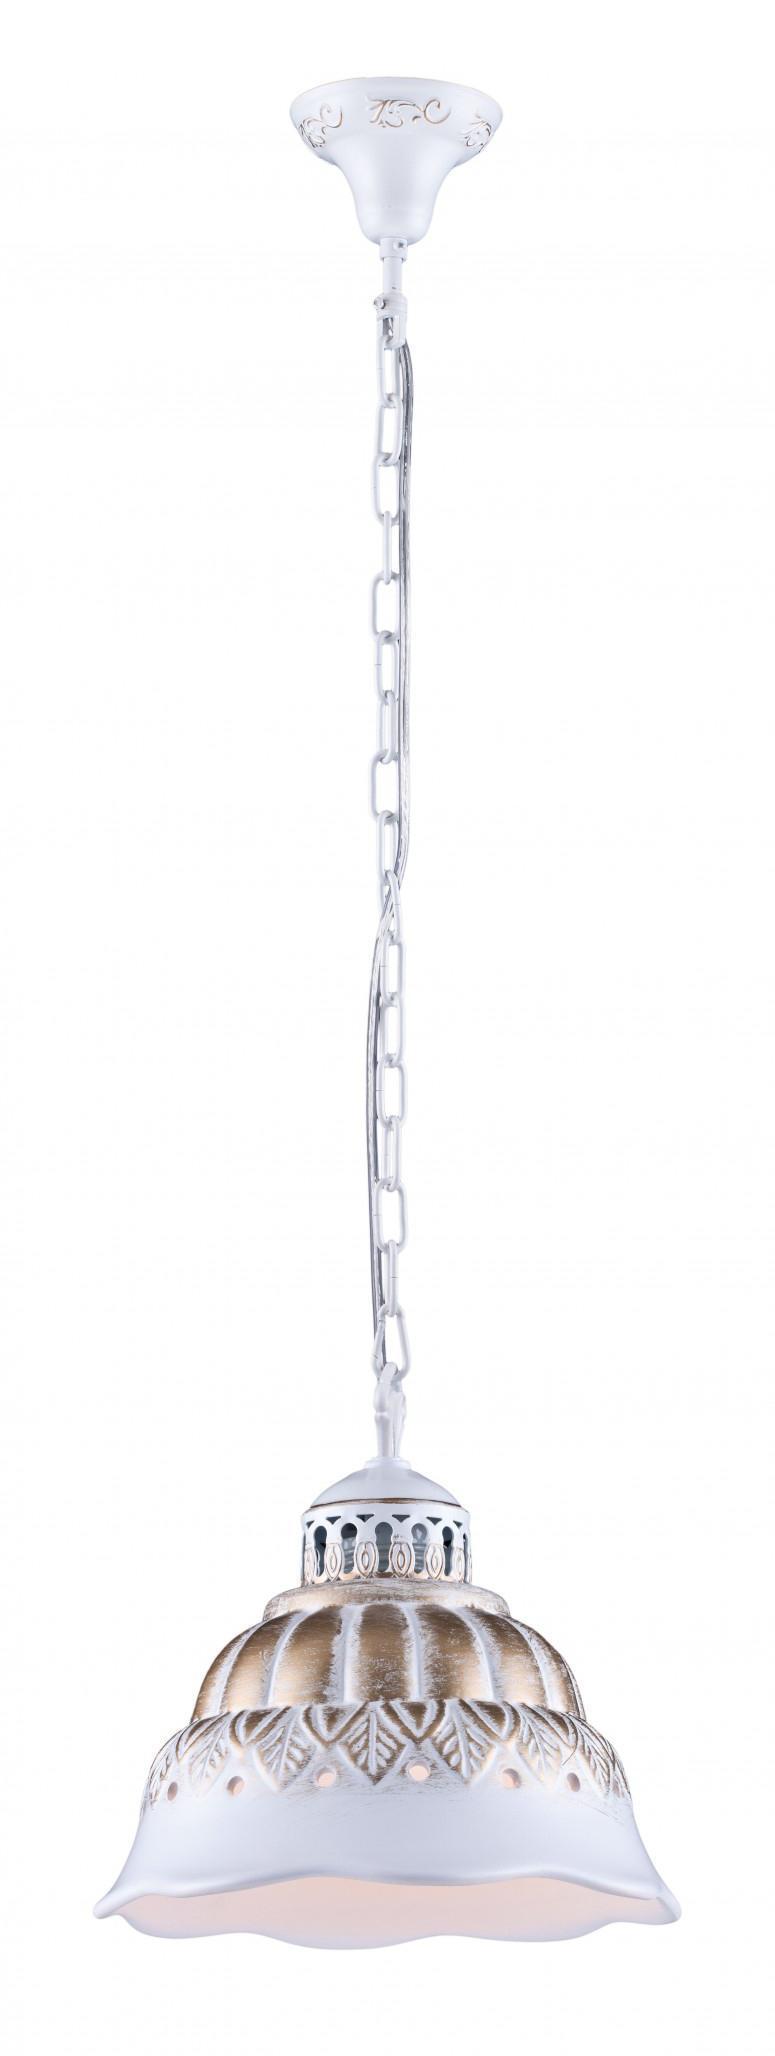 Купить Светильник подвесной Arte lamp A2814sp-1wg